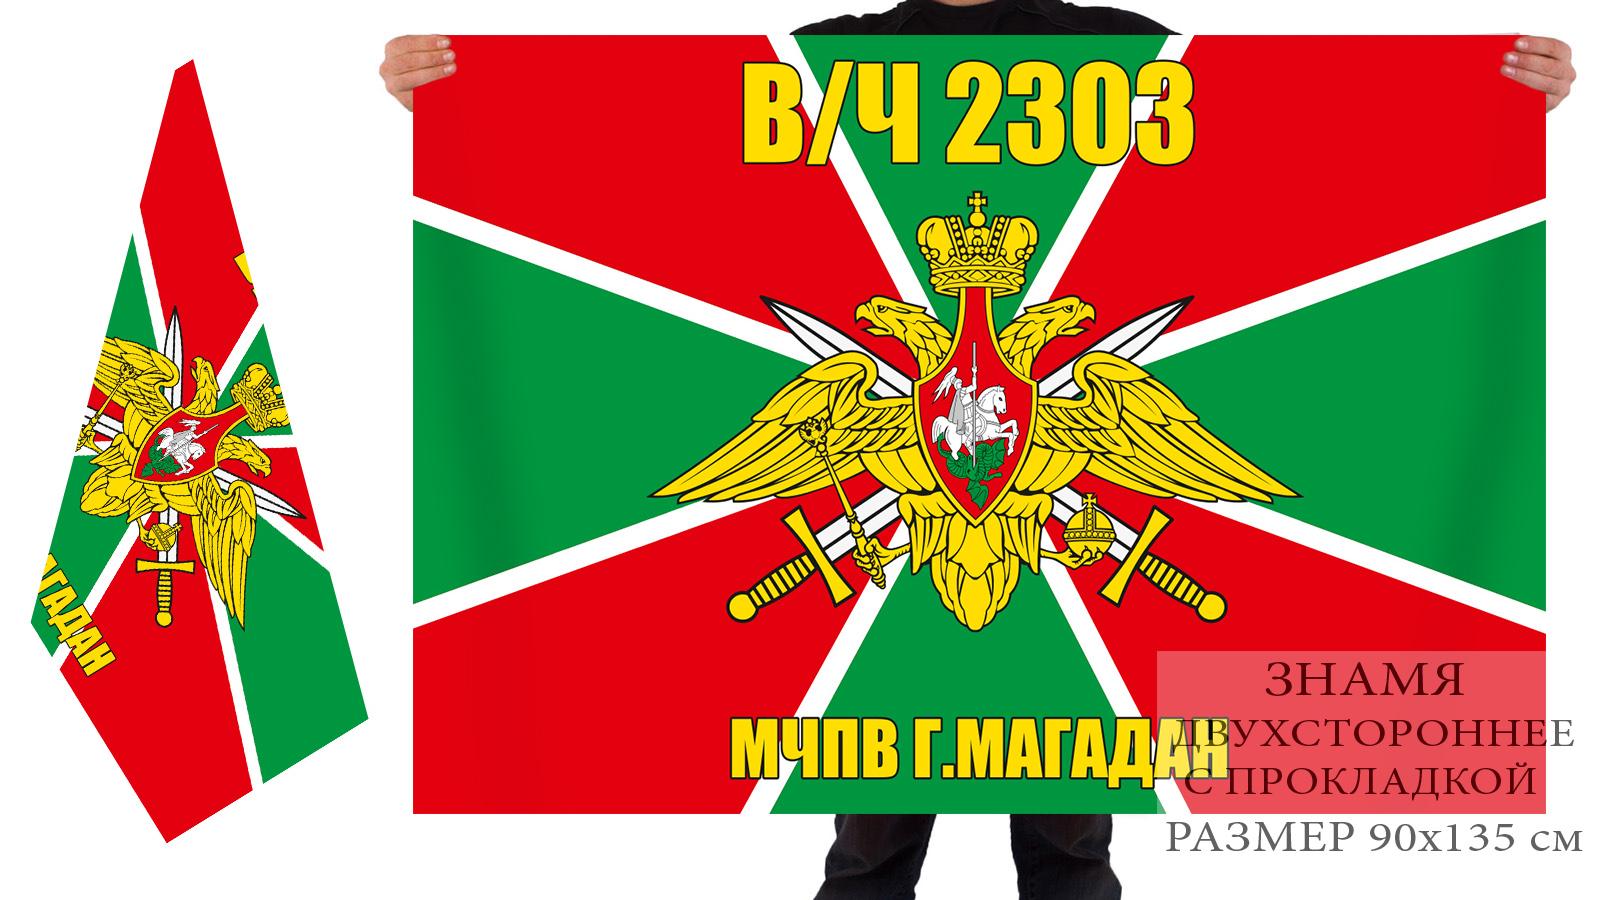 Купить флаг в/ч 2303, Магадан, МЧПВ